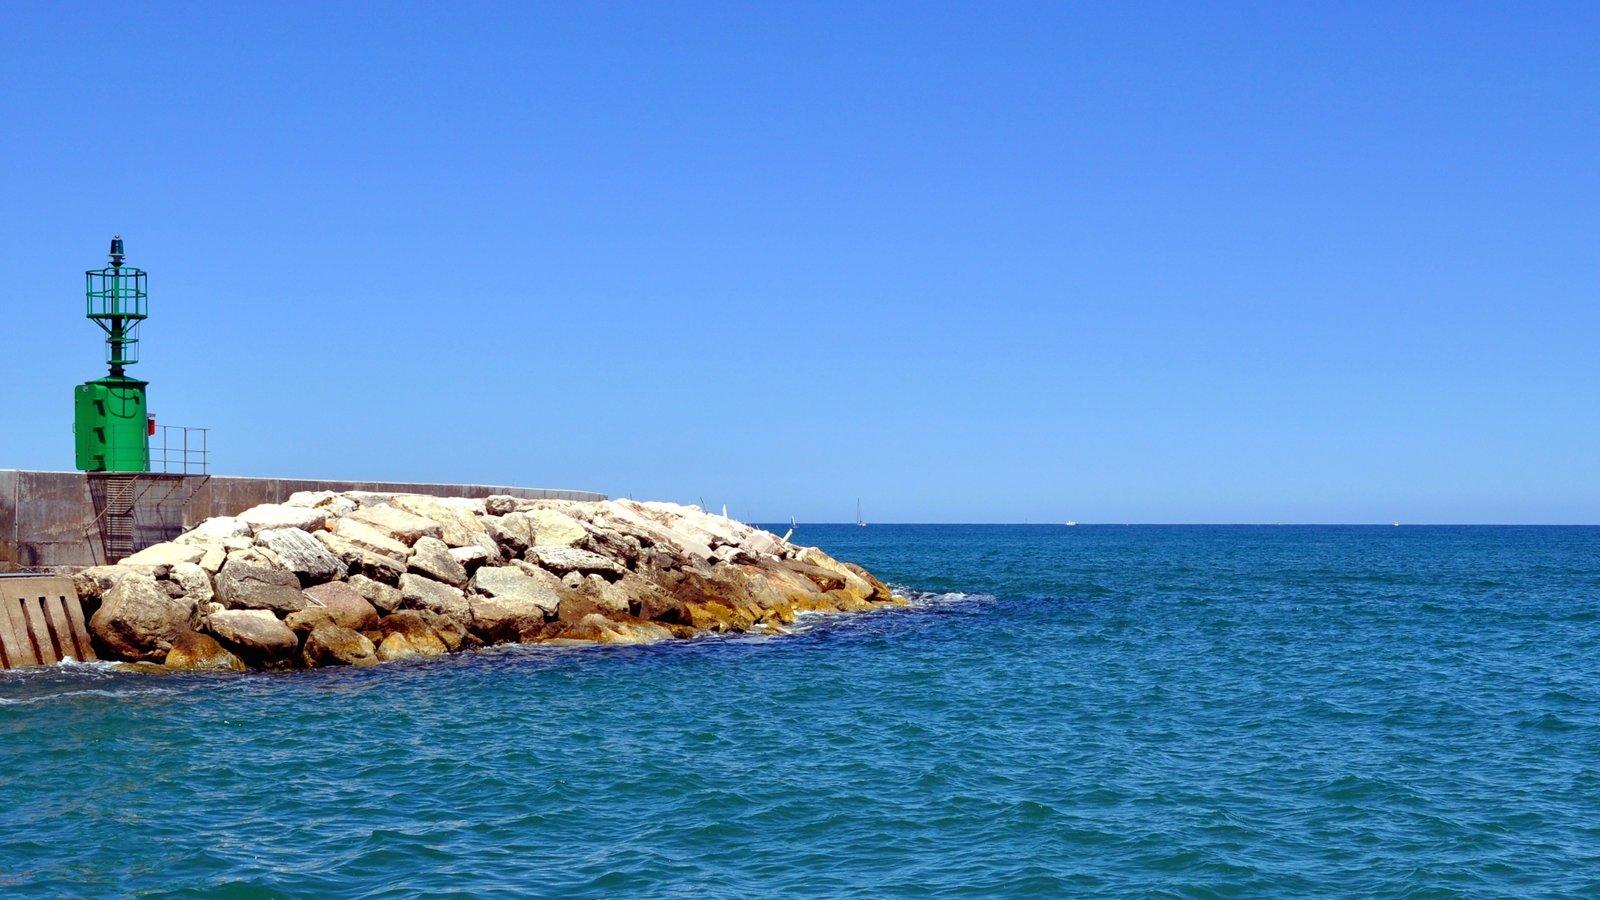 Senigallia which includes rocky coastline